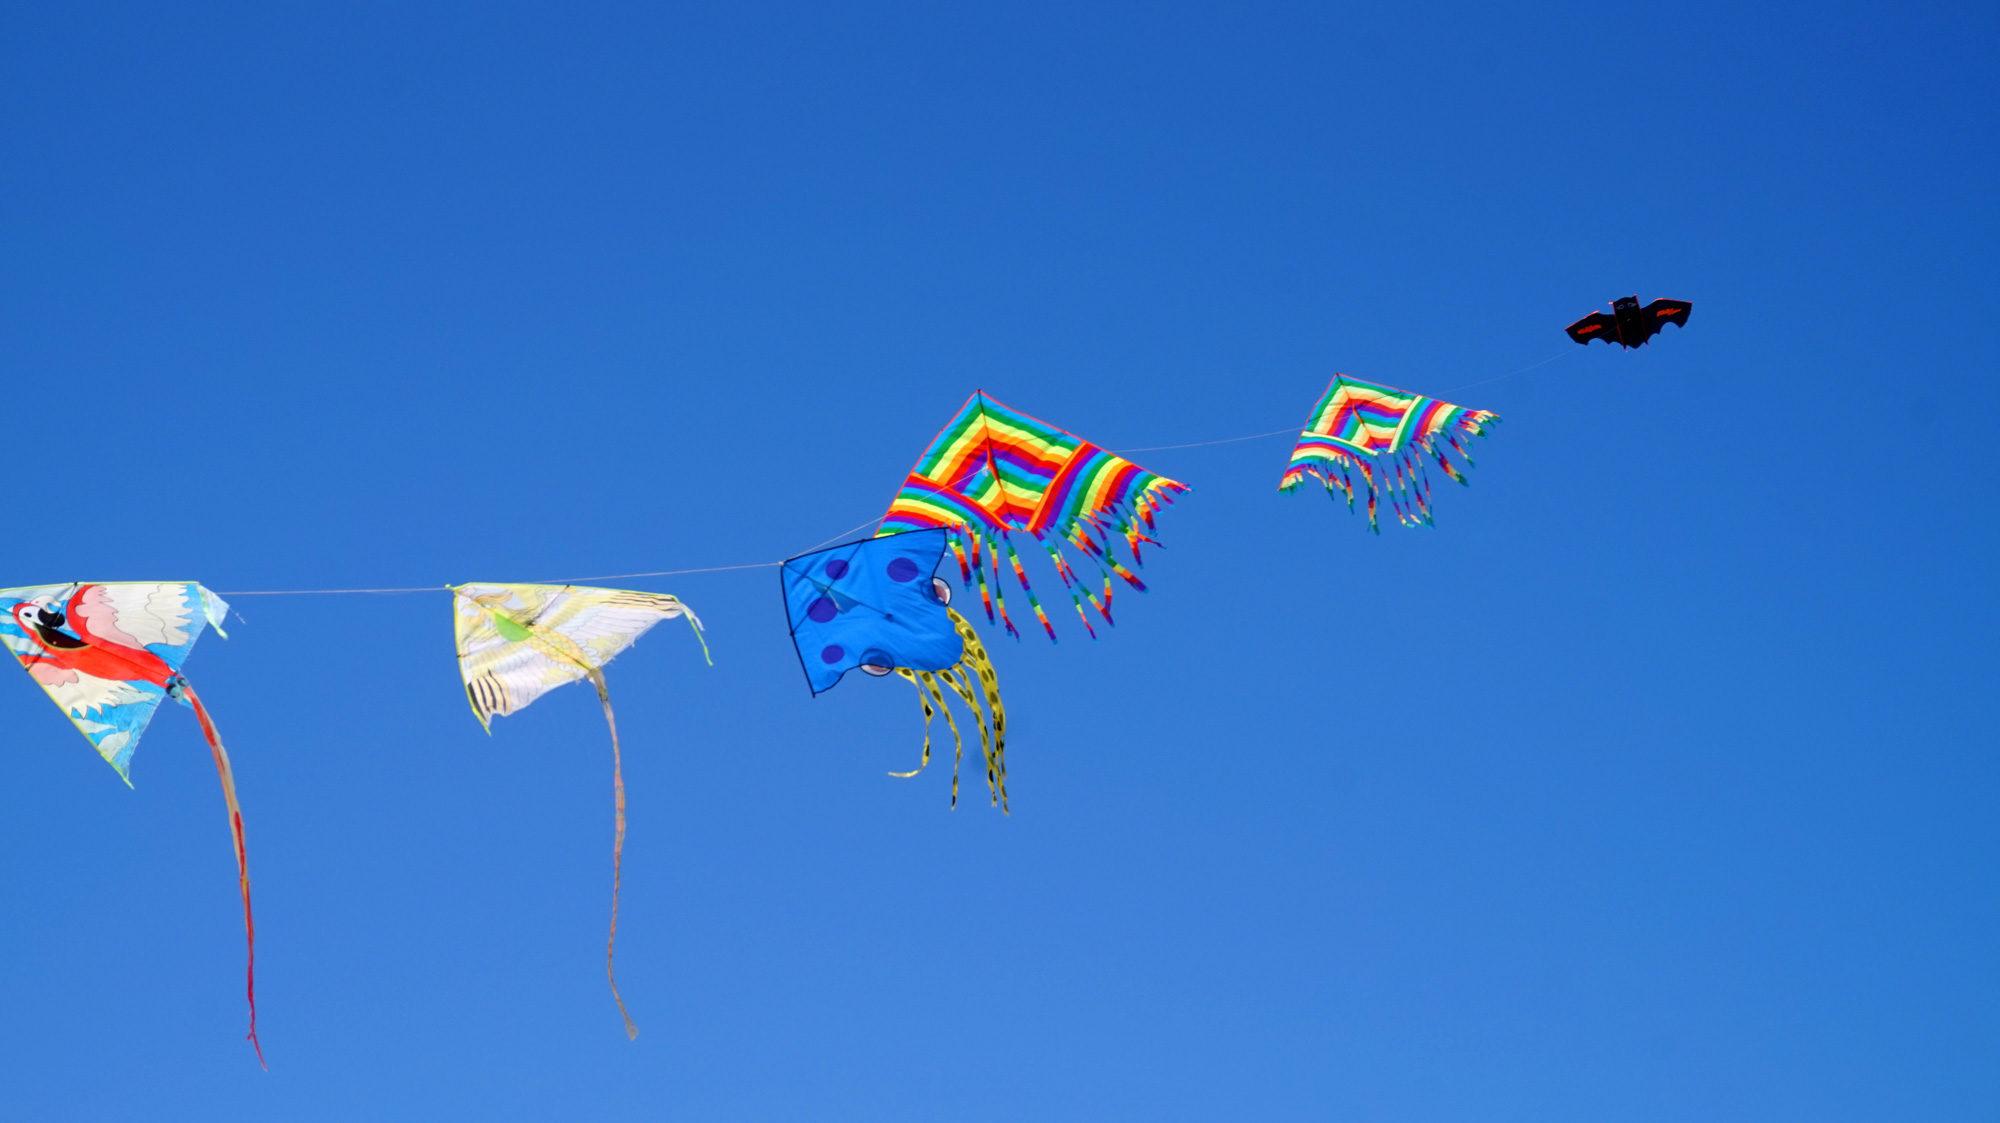 Die Strandverkäufer an der Costa Rei lassen am Strand ihre Drachen steigen